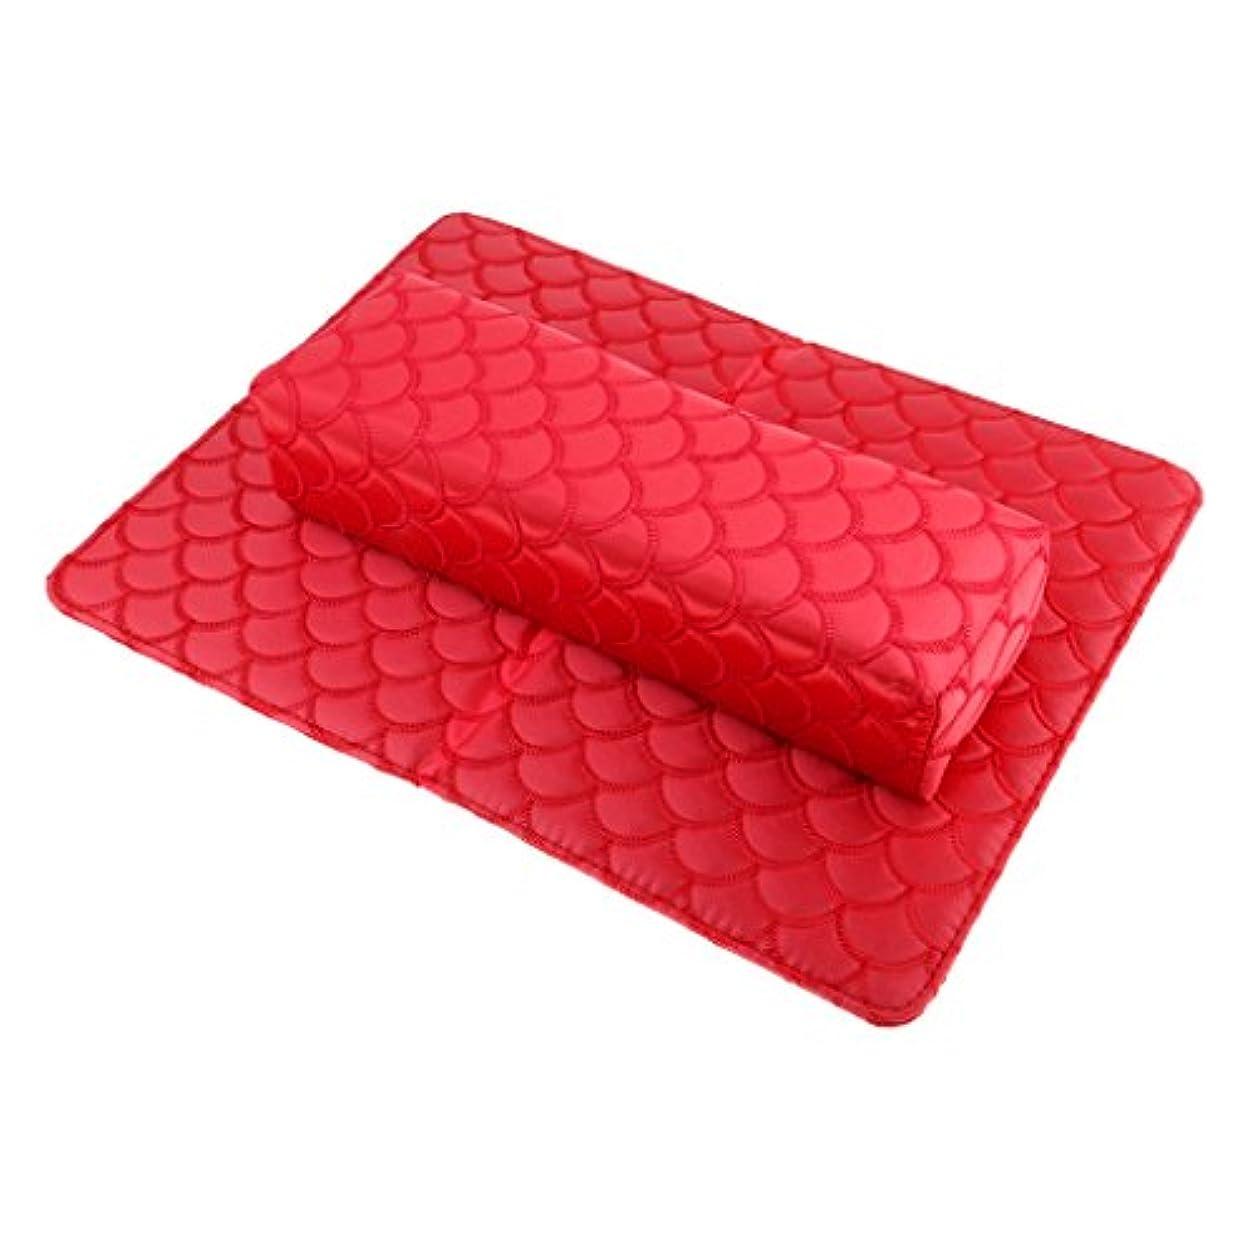 月曜直接構造的Perfeclan ソフト ハンドクッション ネイルピロー パッド ネイルアート デザイン マニキュア アームレストホルダー 多色選べる - 赤